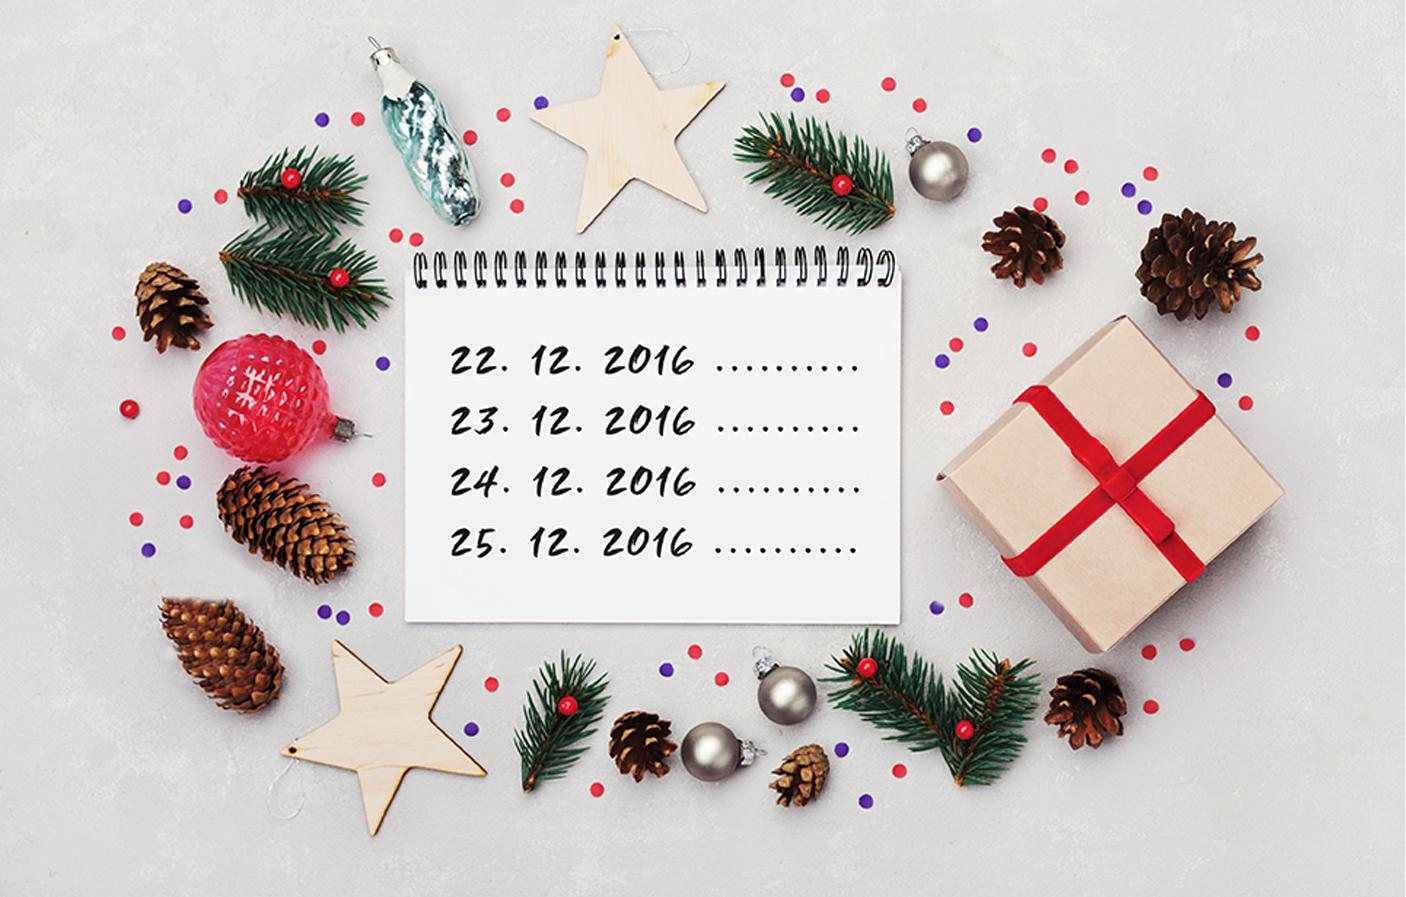 Diář klidných Vánoc - Baťa